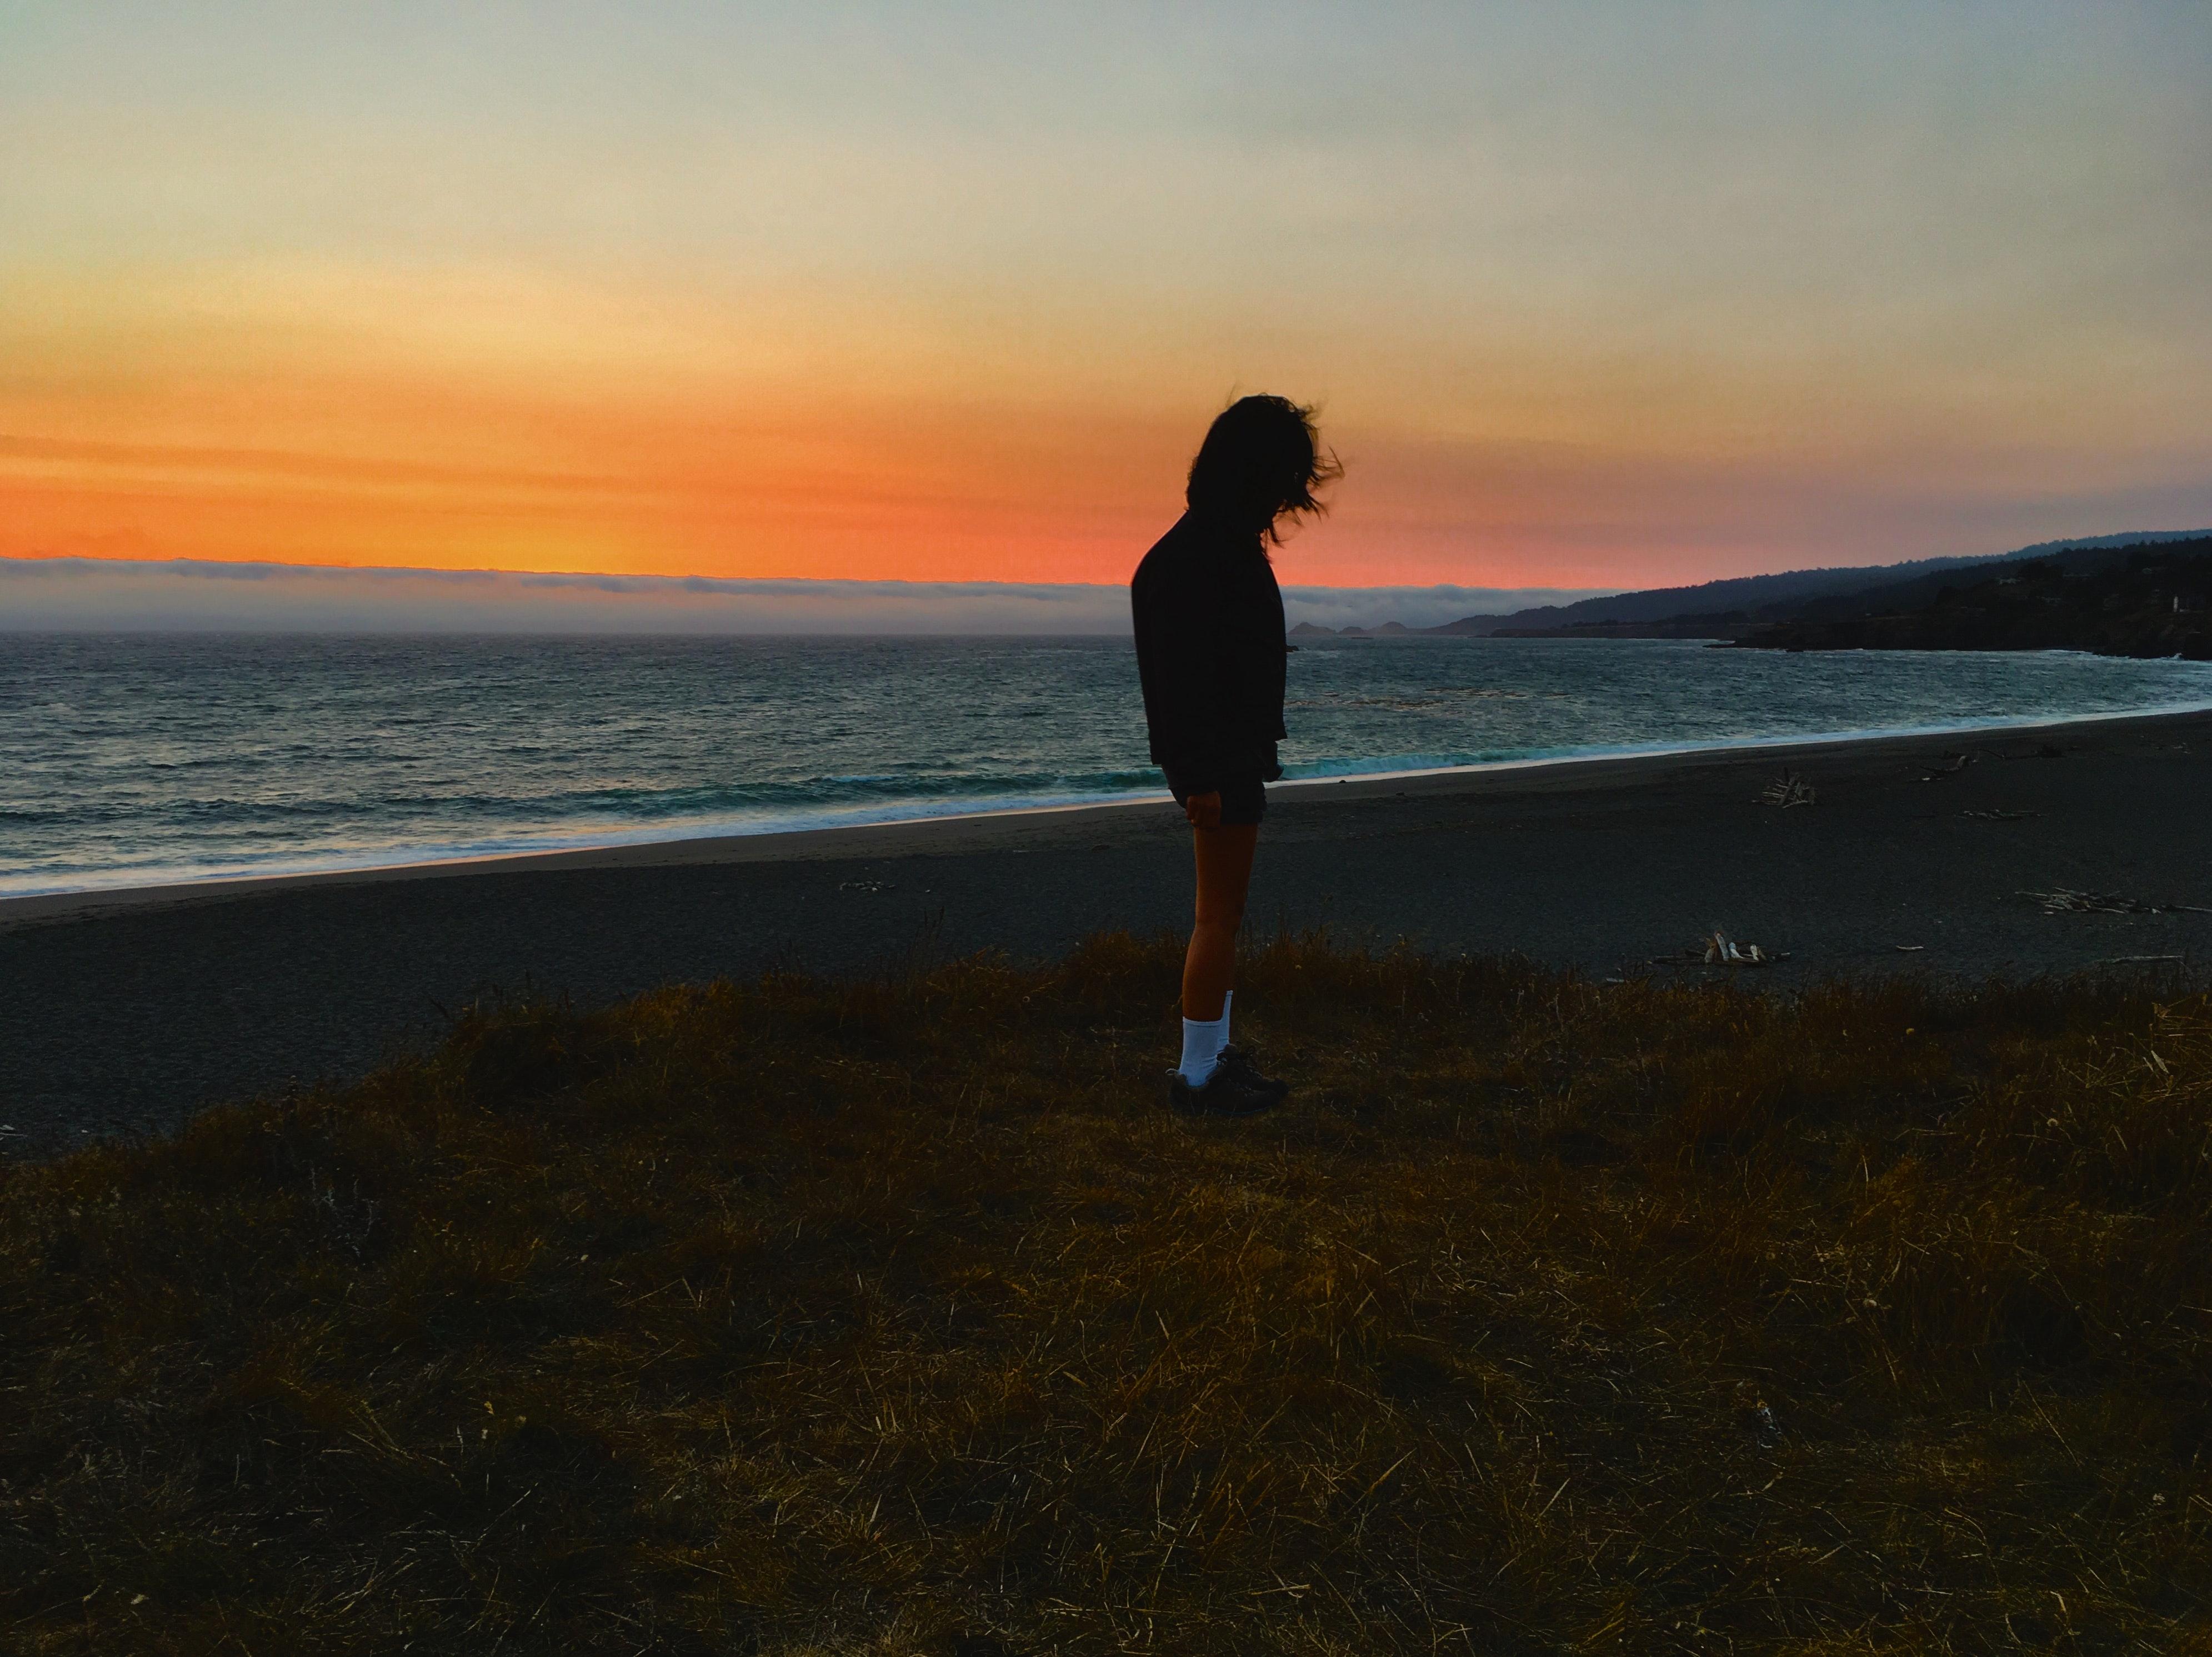 41+ gambar pemandangan pantai waktu senja Terbaik